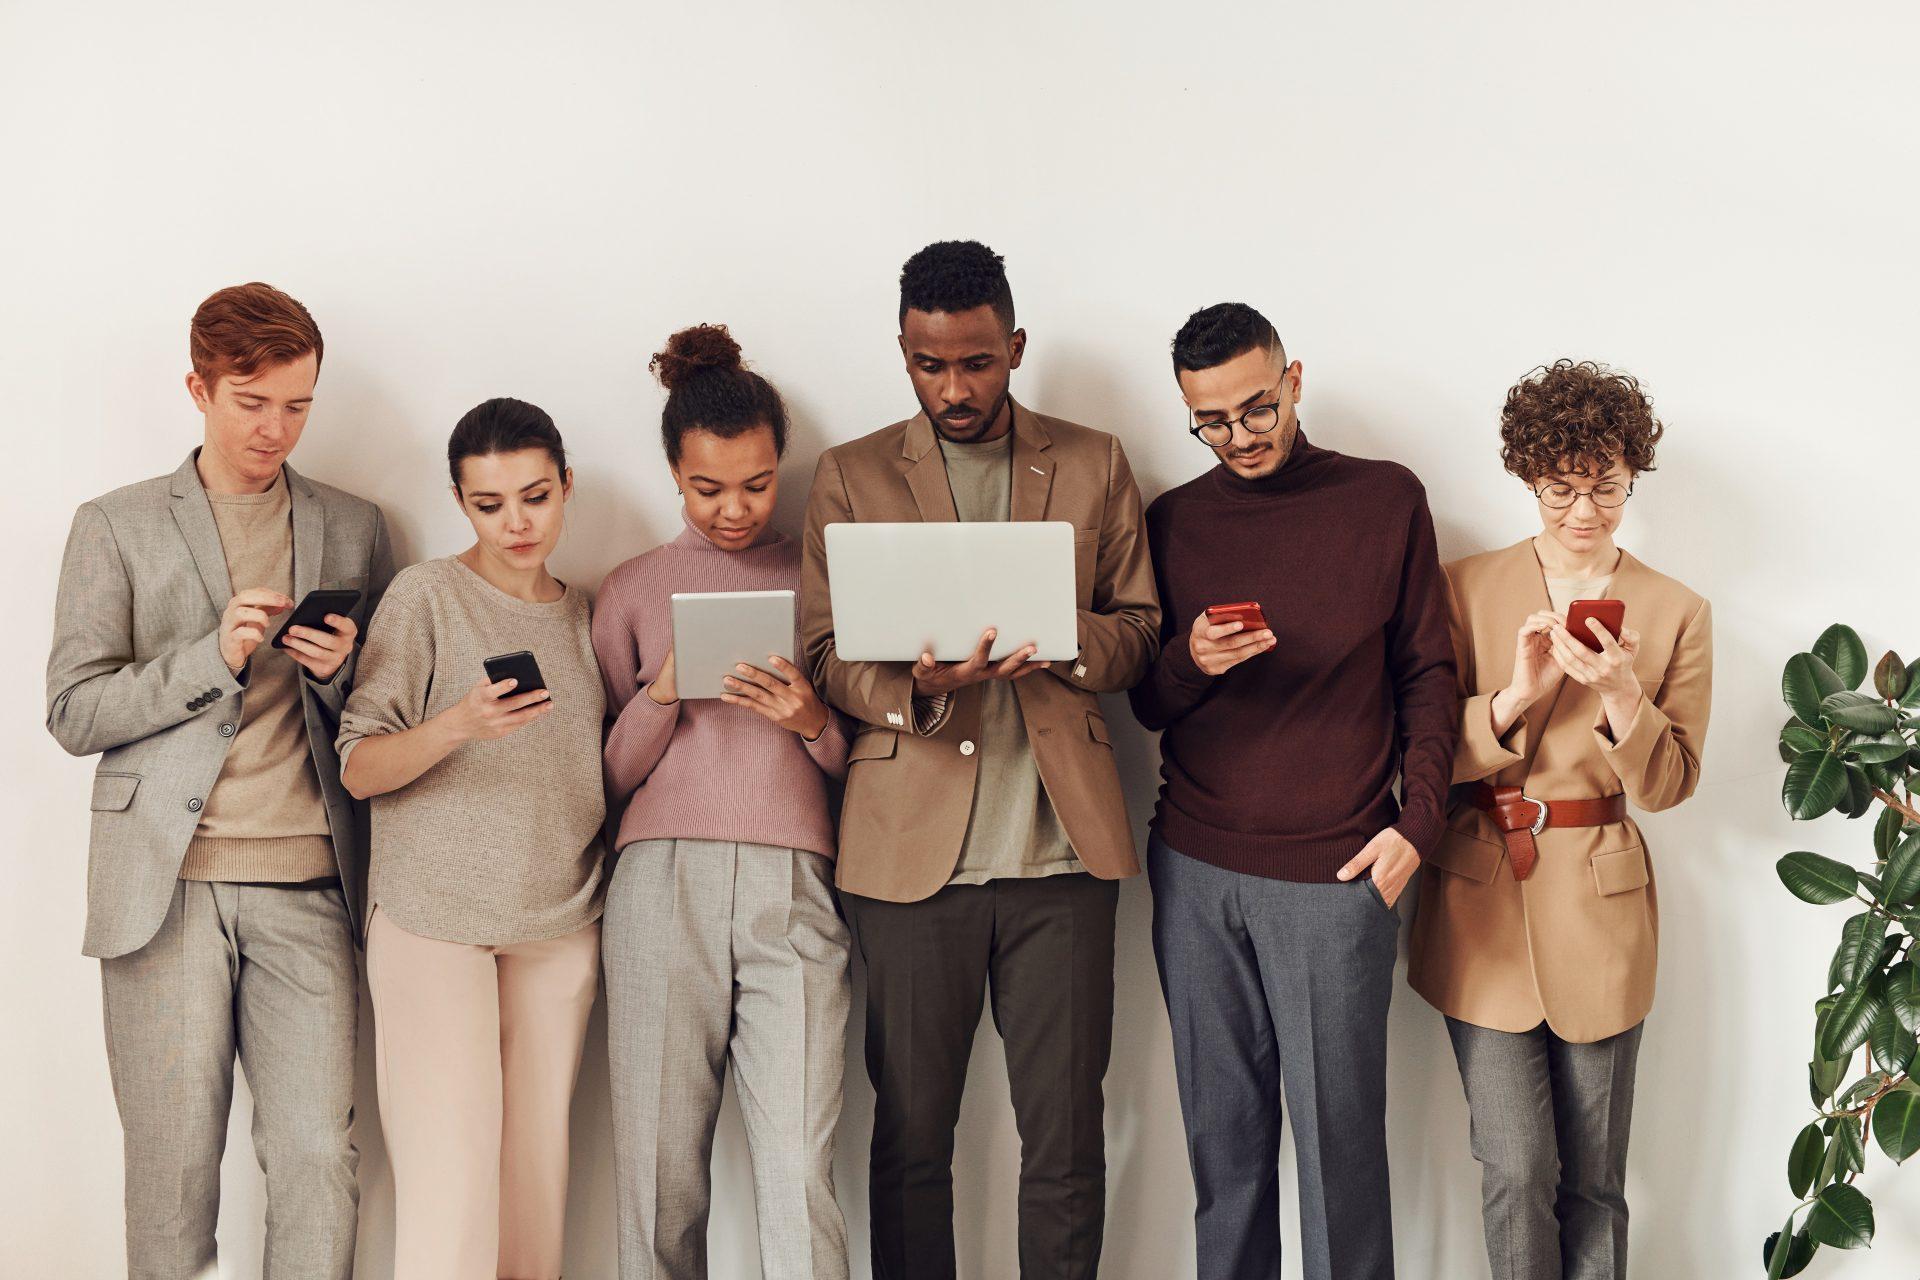 Personas diferentes sosteniendo distintos tipos de dispositivos.